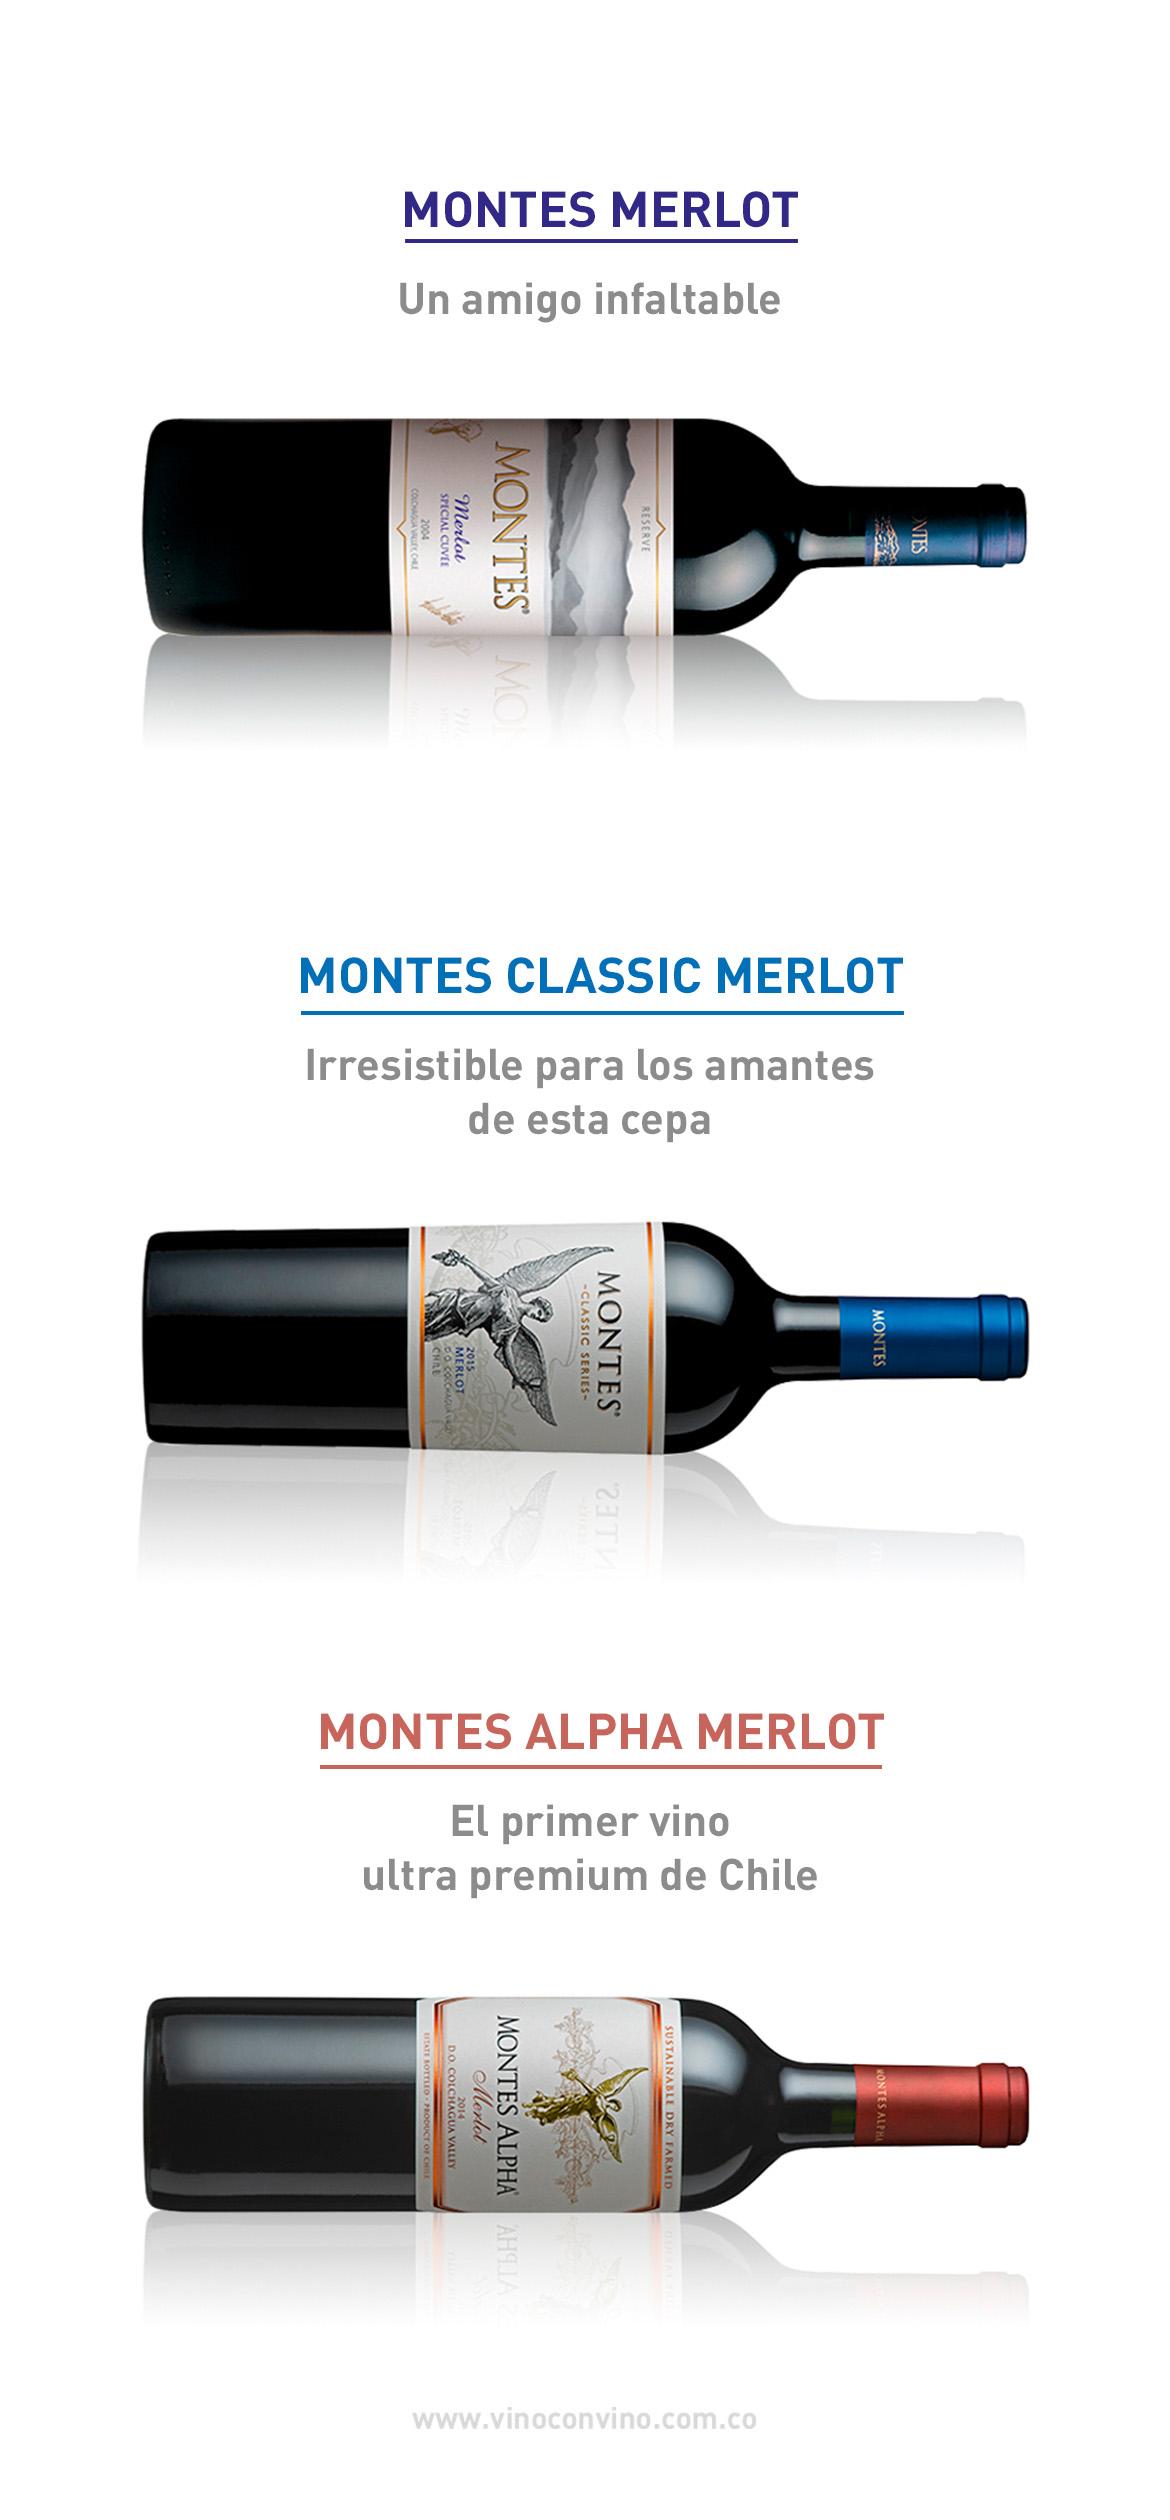 Nuestros vinos merlot recomendados